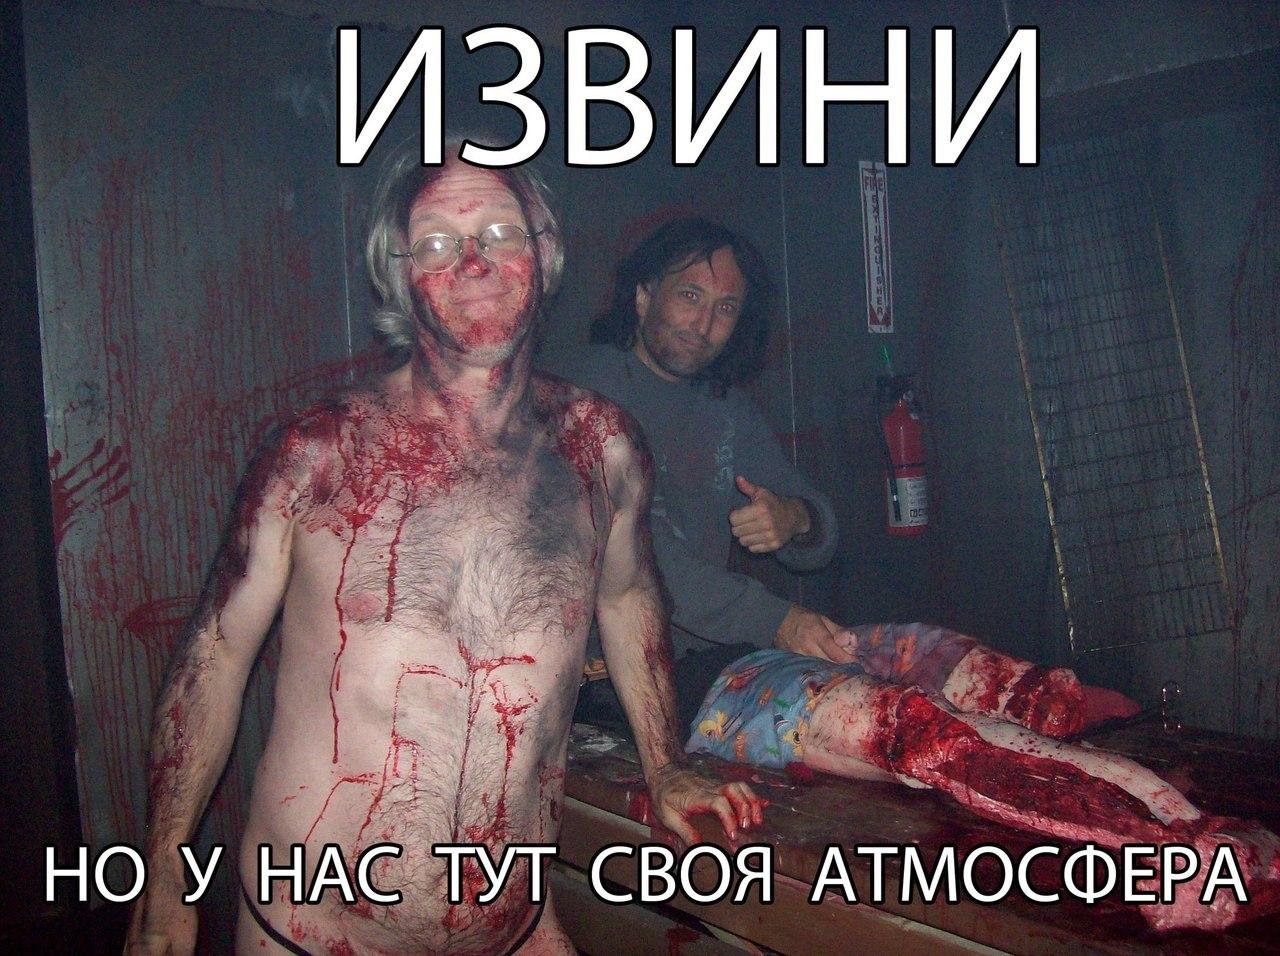 Фото девушки жесть, Подборка фотографий пьяных людей. Жесть! ! (48 фото) 19 фотография